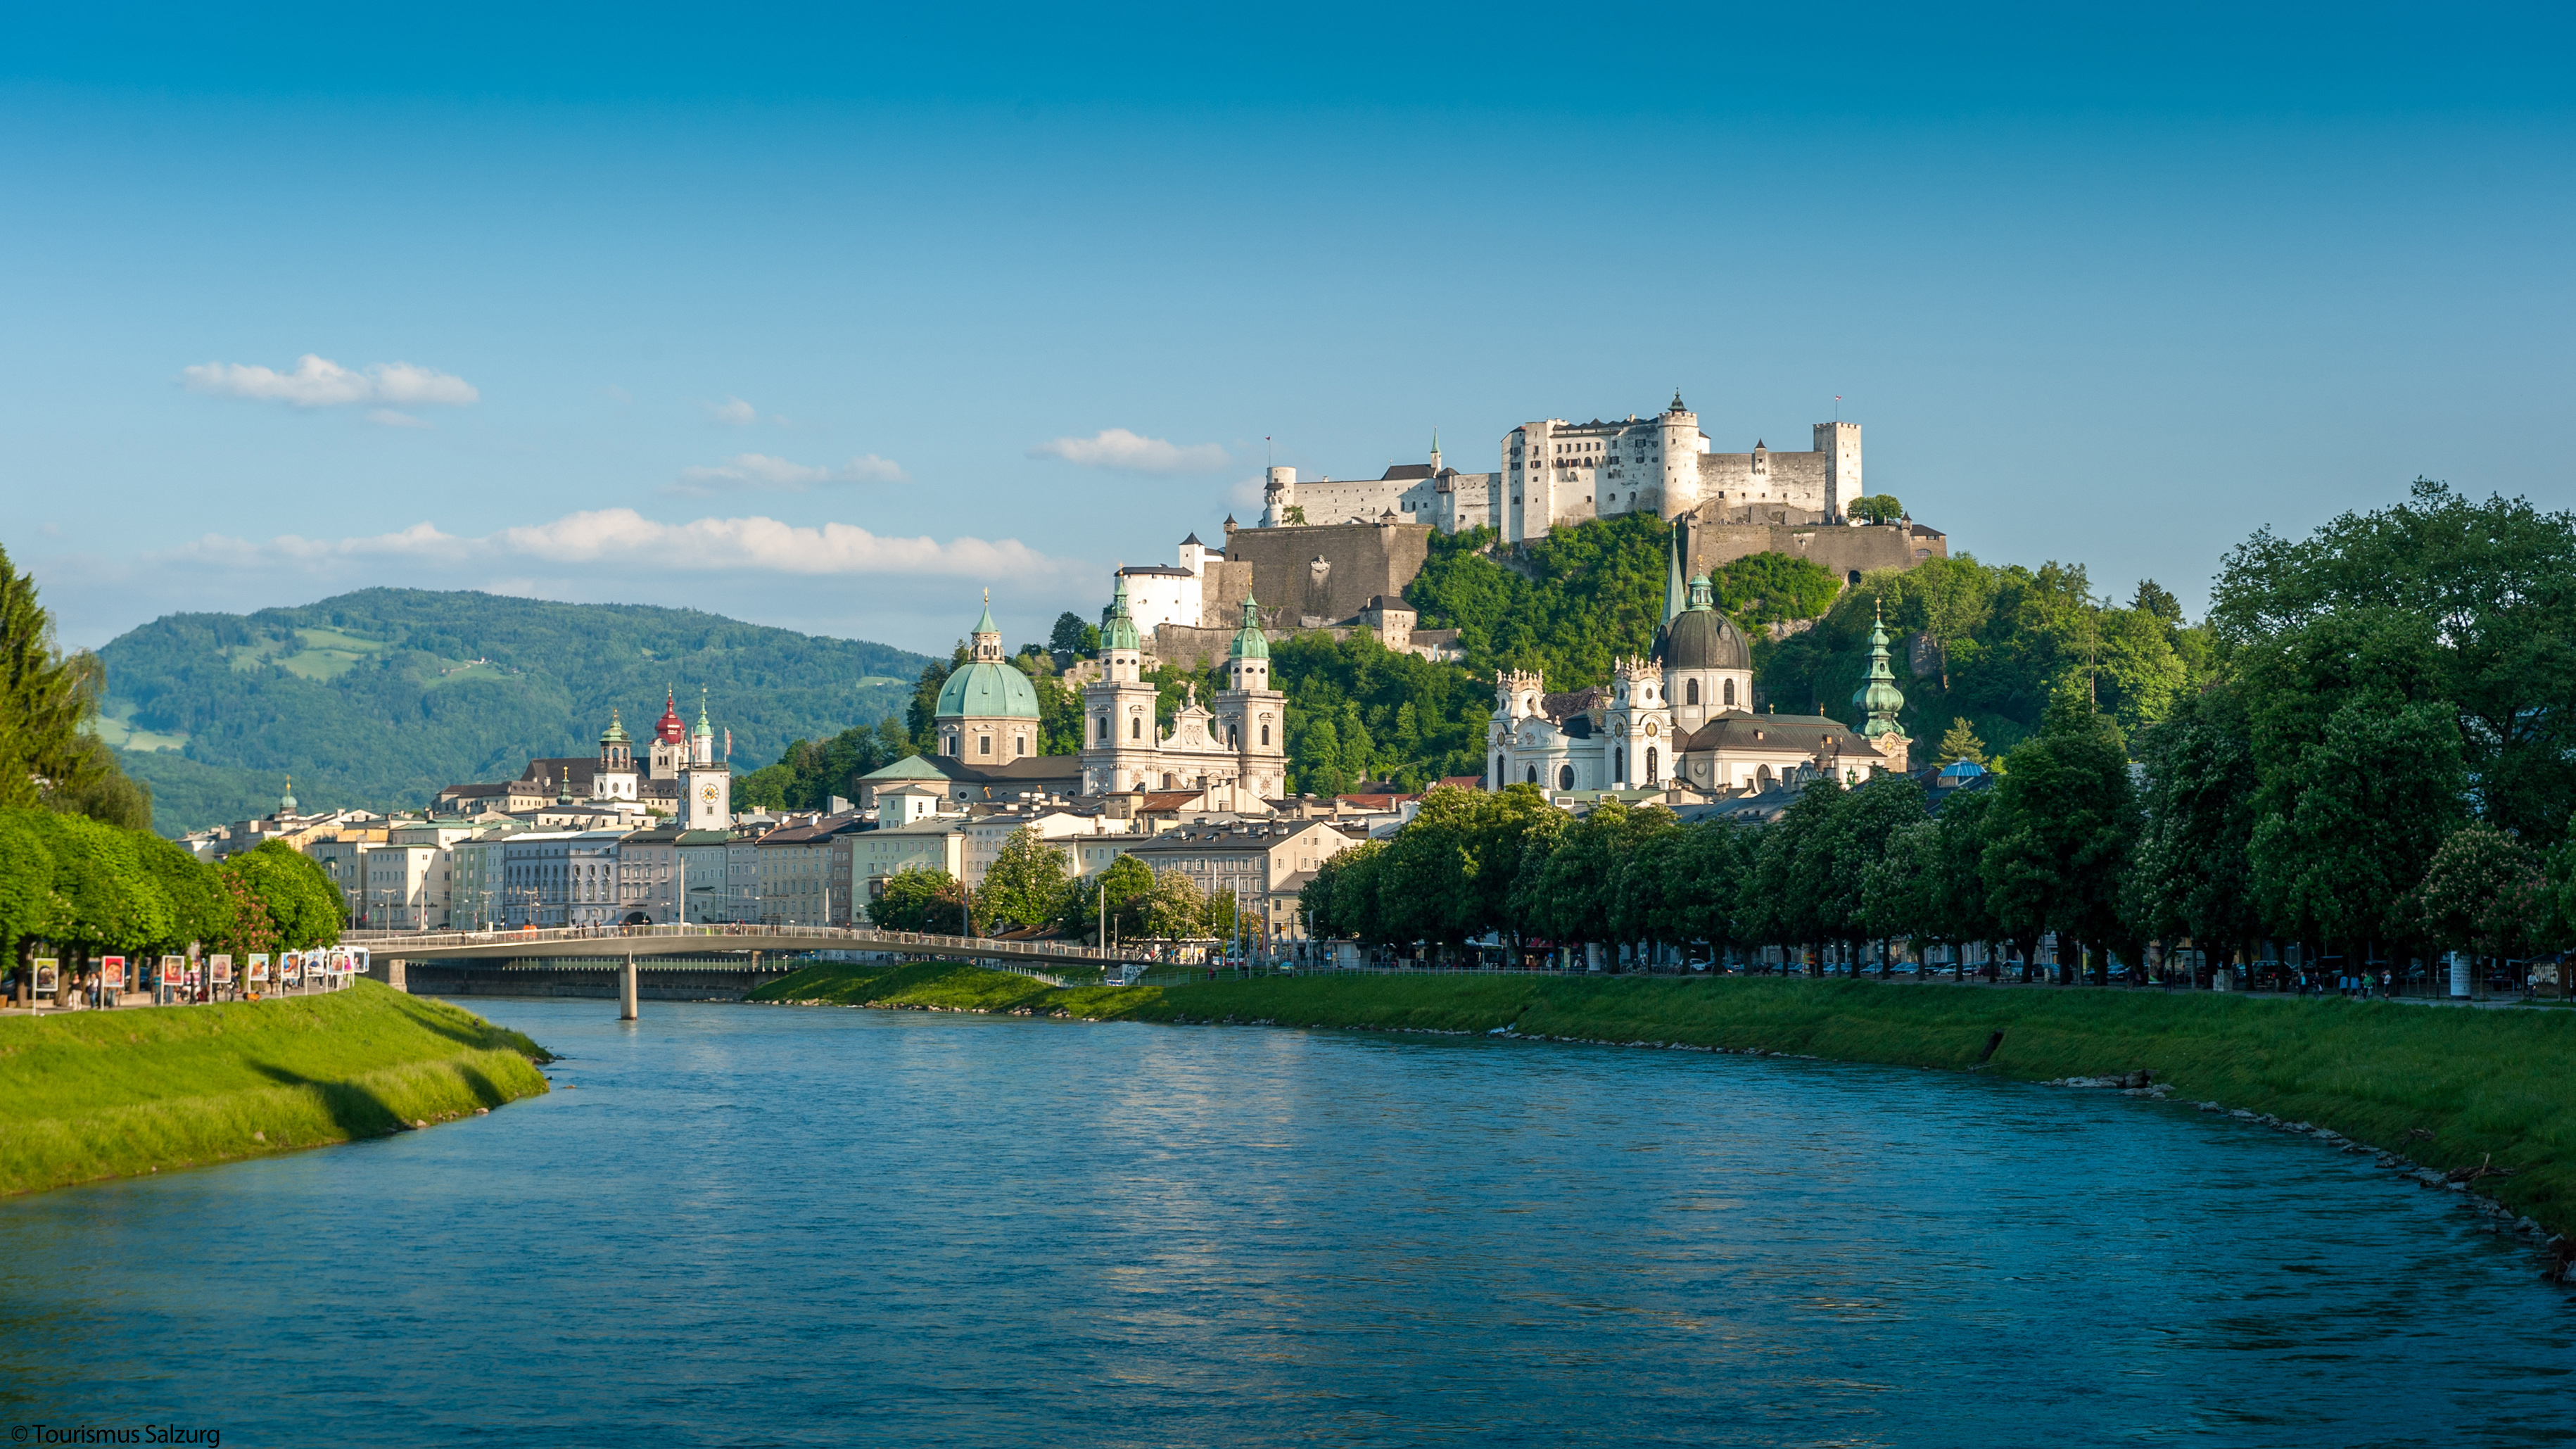 salzburg sights hohensalzburg castle sound of salzburg show. Black Bedroom Furniture Sets. Home Design Ideas